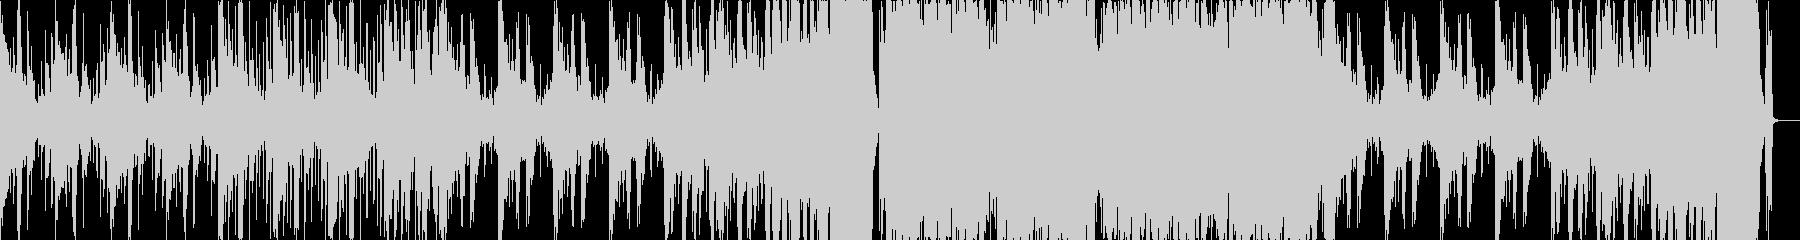 不思議な感じのハイブリッドトラップの未再生の波形